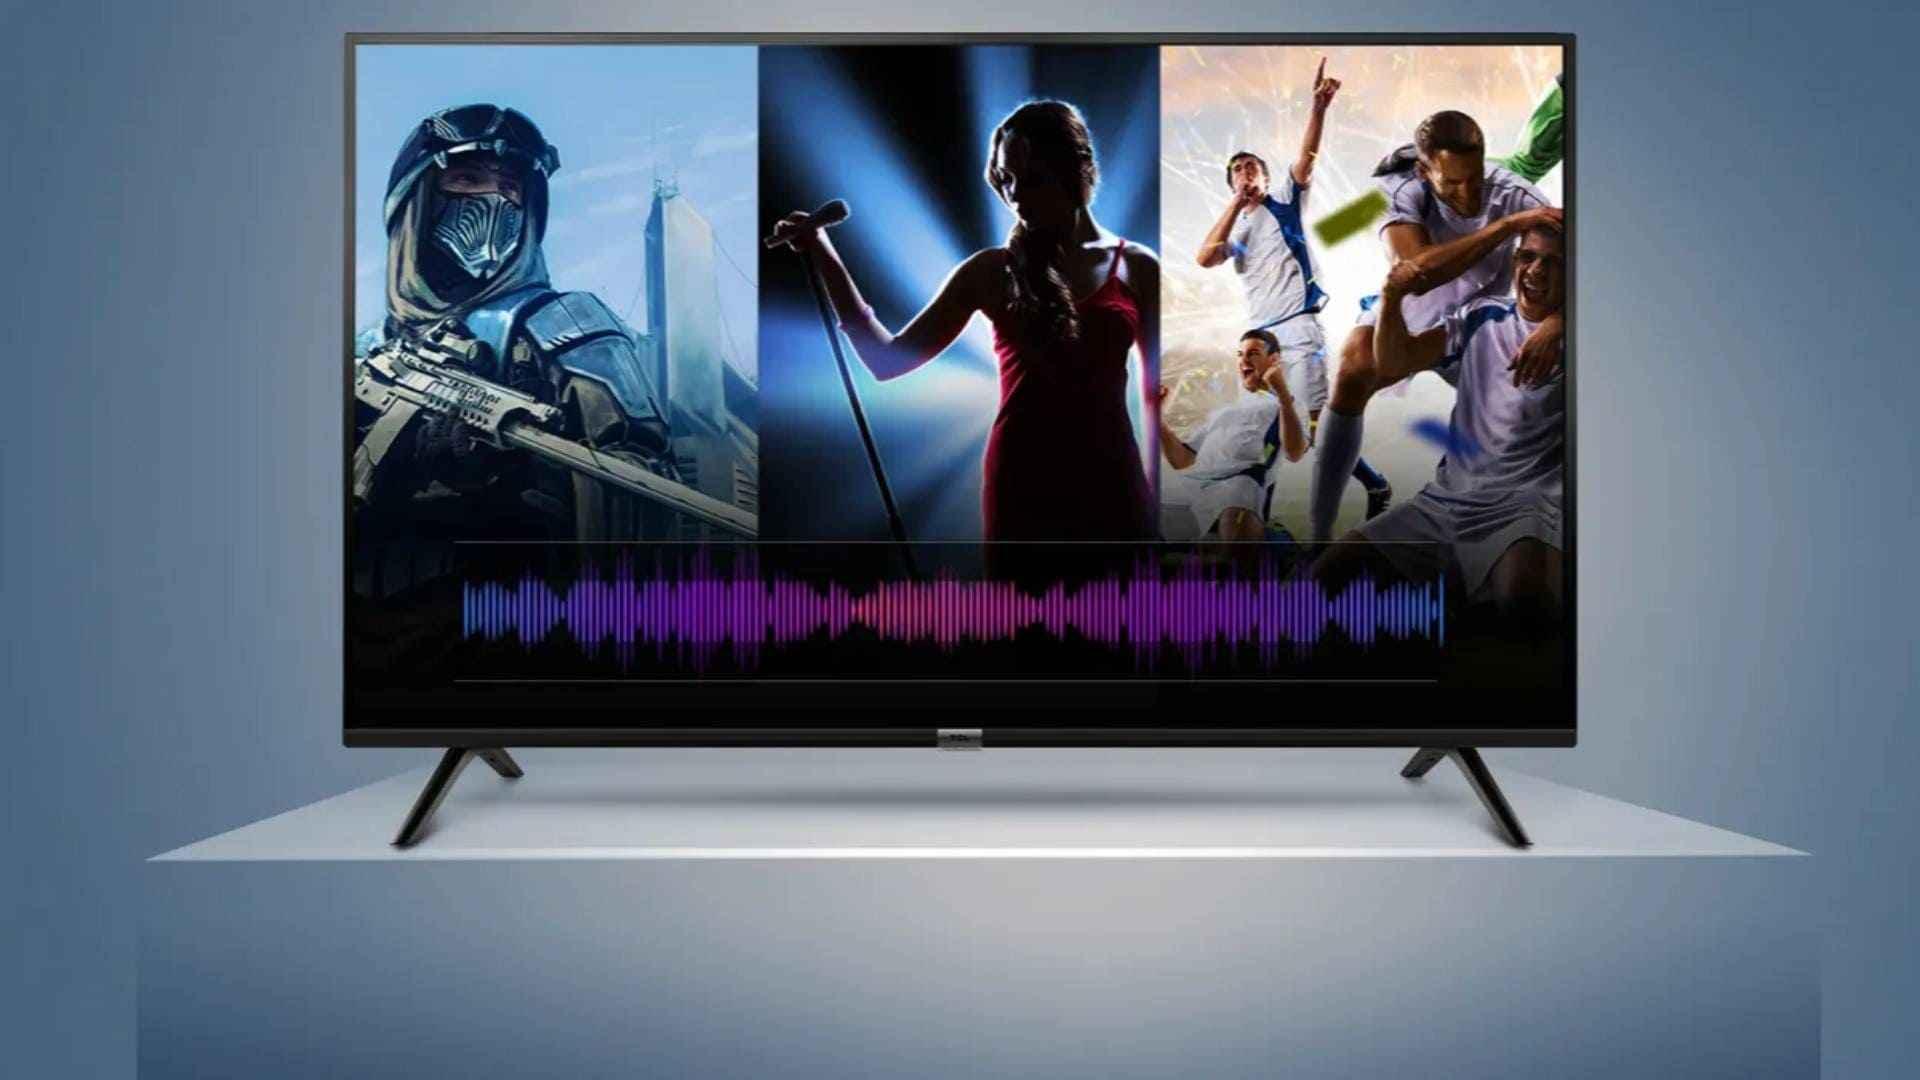 TCL Smart LED TV Smart Volume